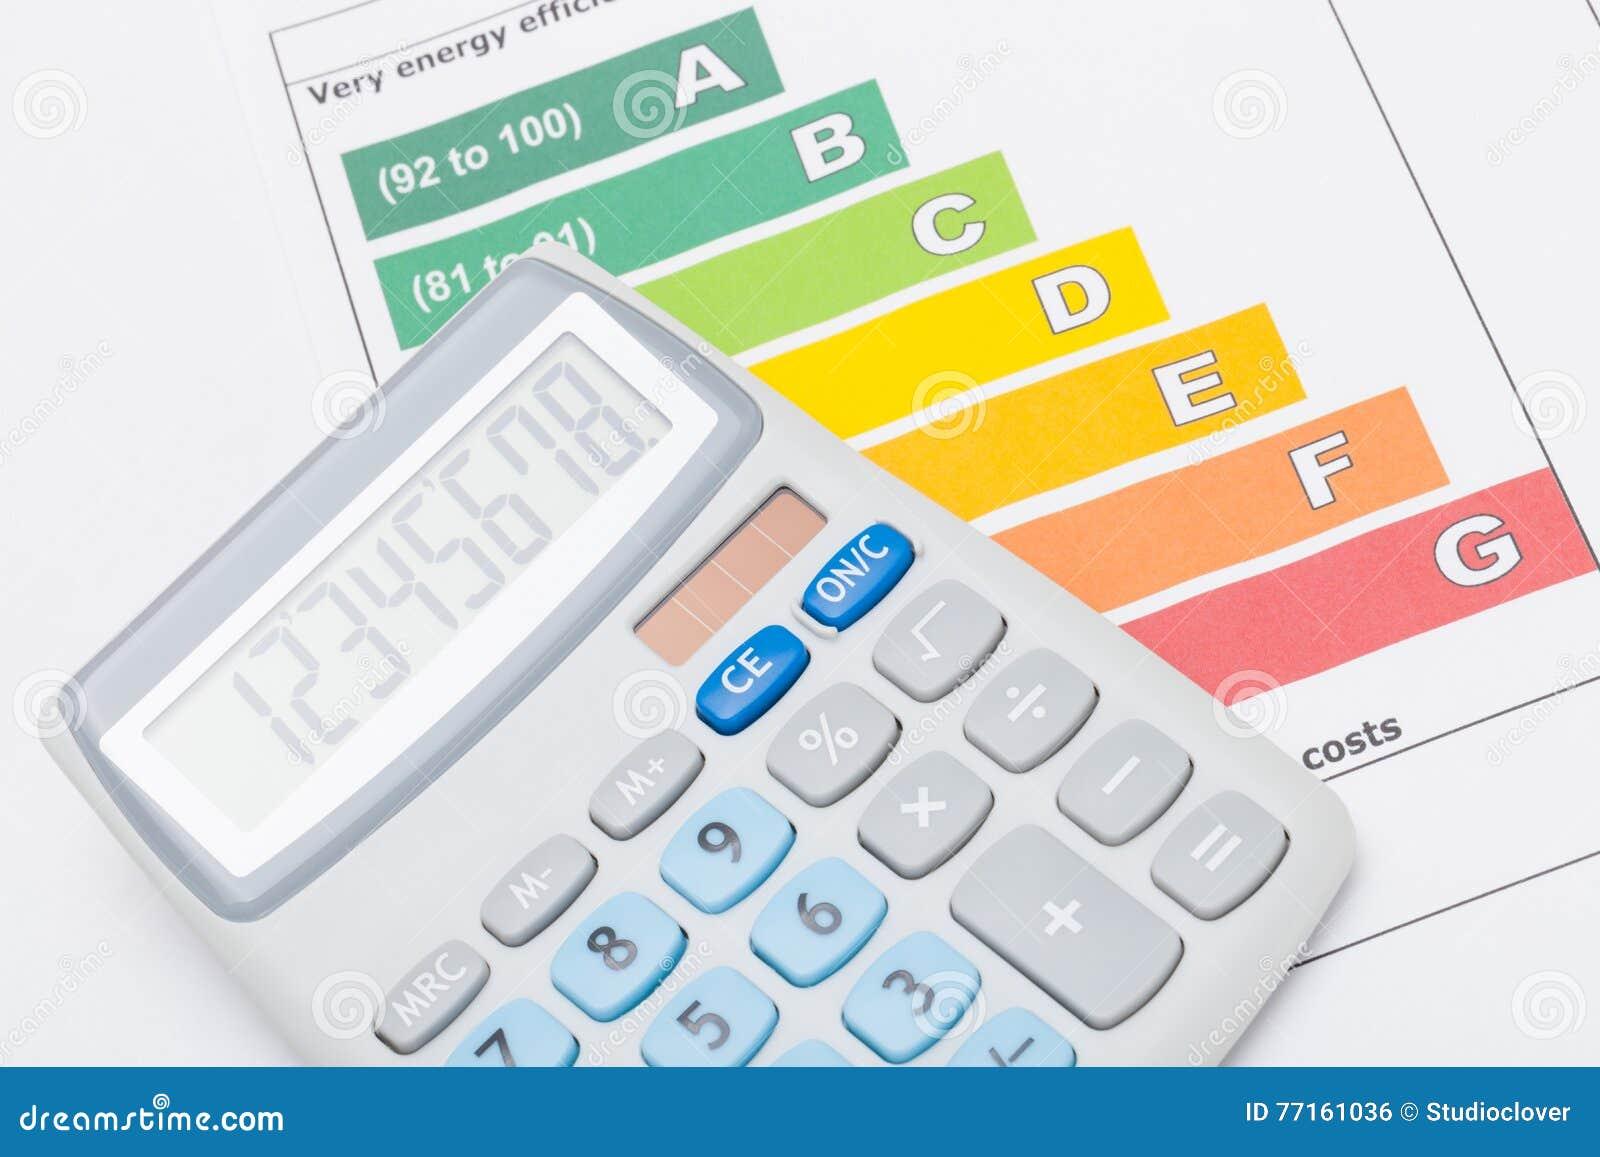 Calculatrice au-dessus de diagramme coloré de rendement énergétique